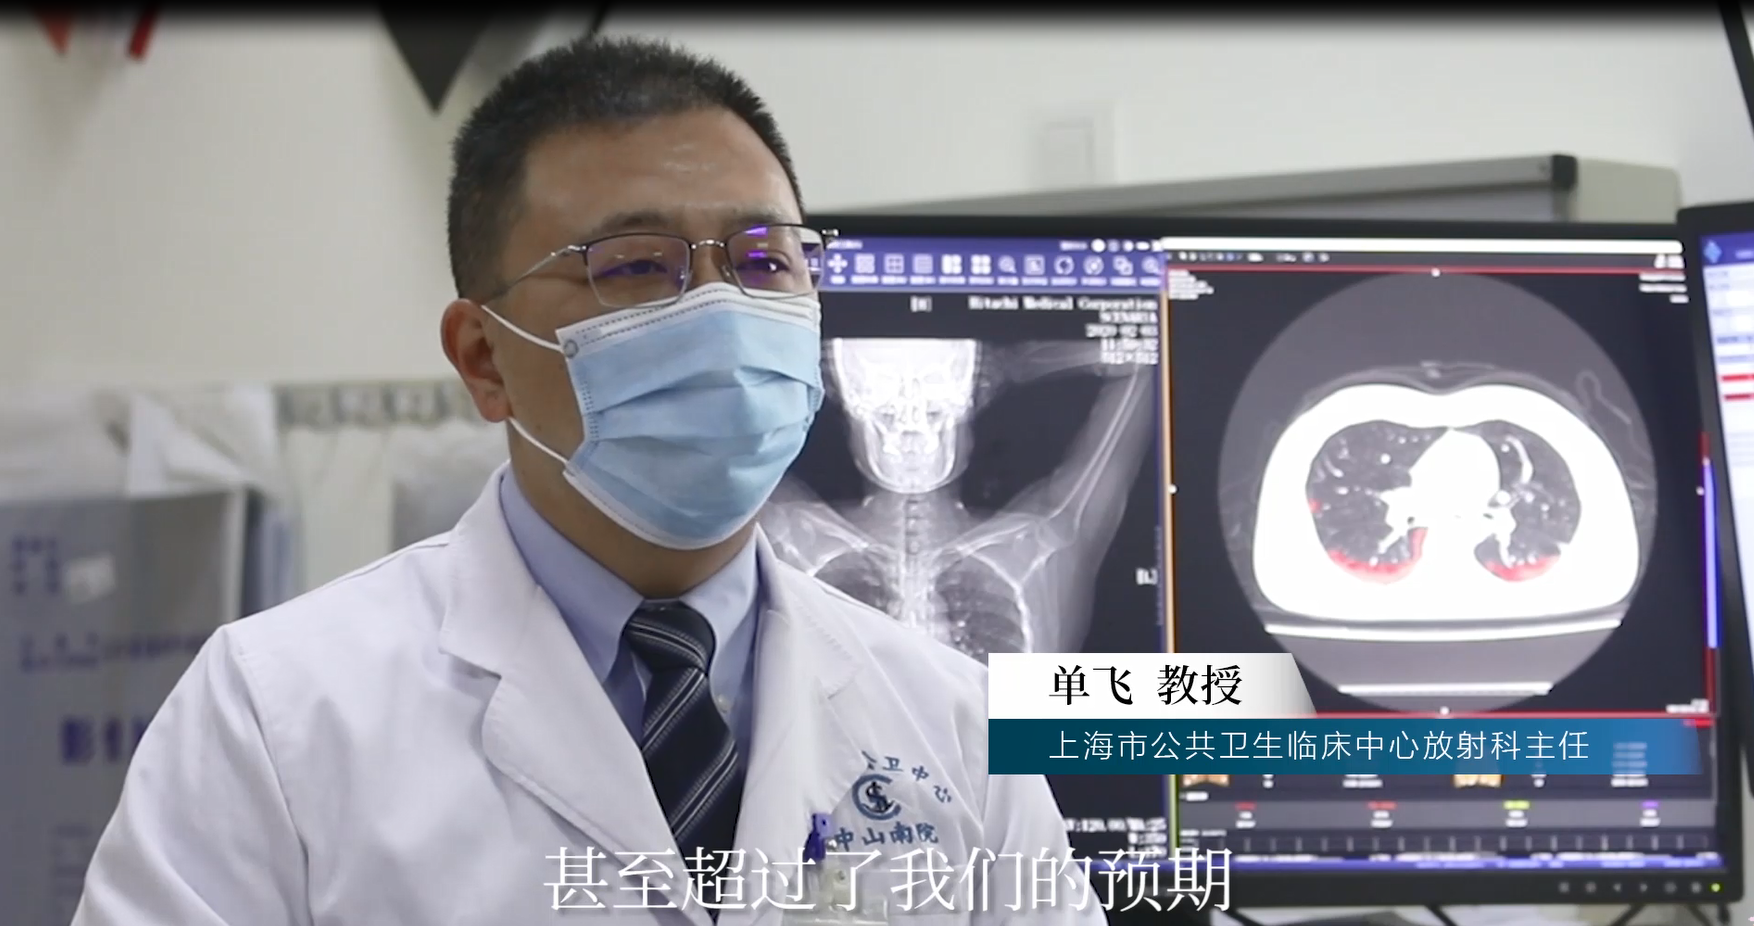 上海公卫中心抗疫最新进展,AI利器直击新冠肺炎分诊难题